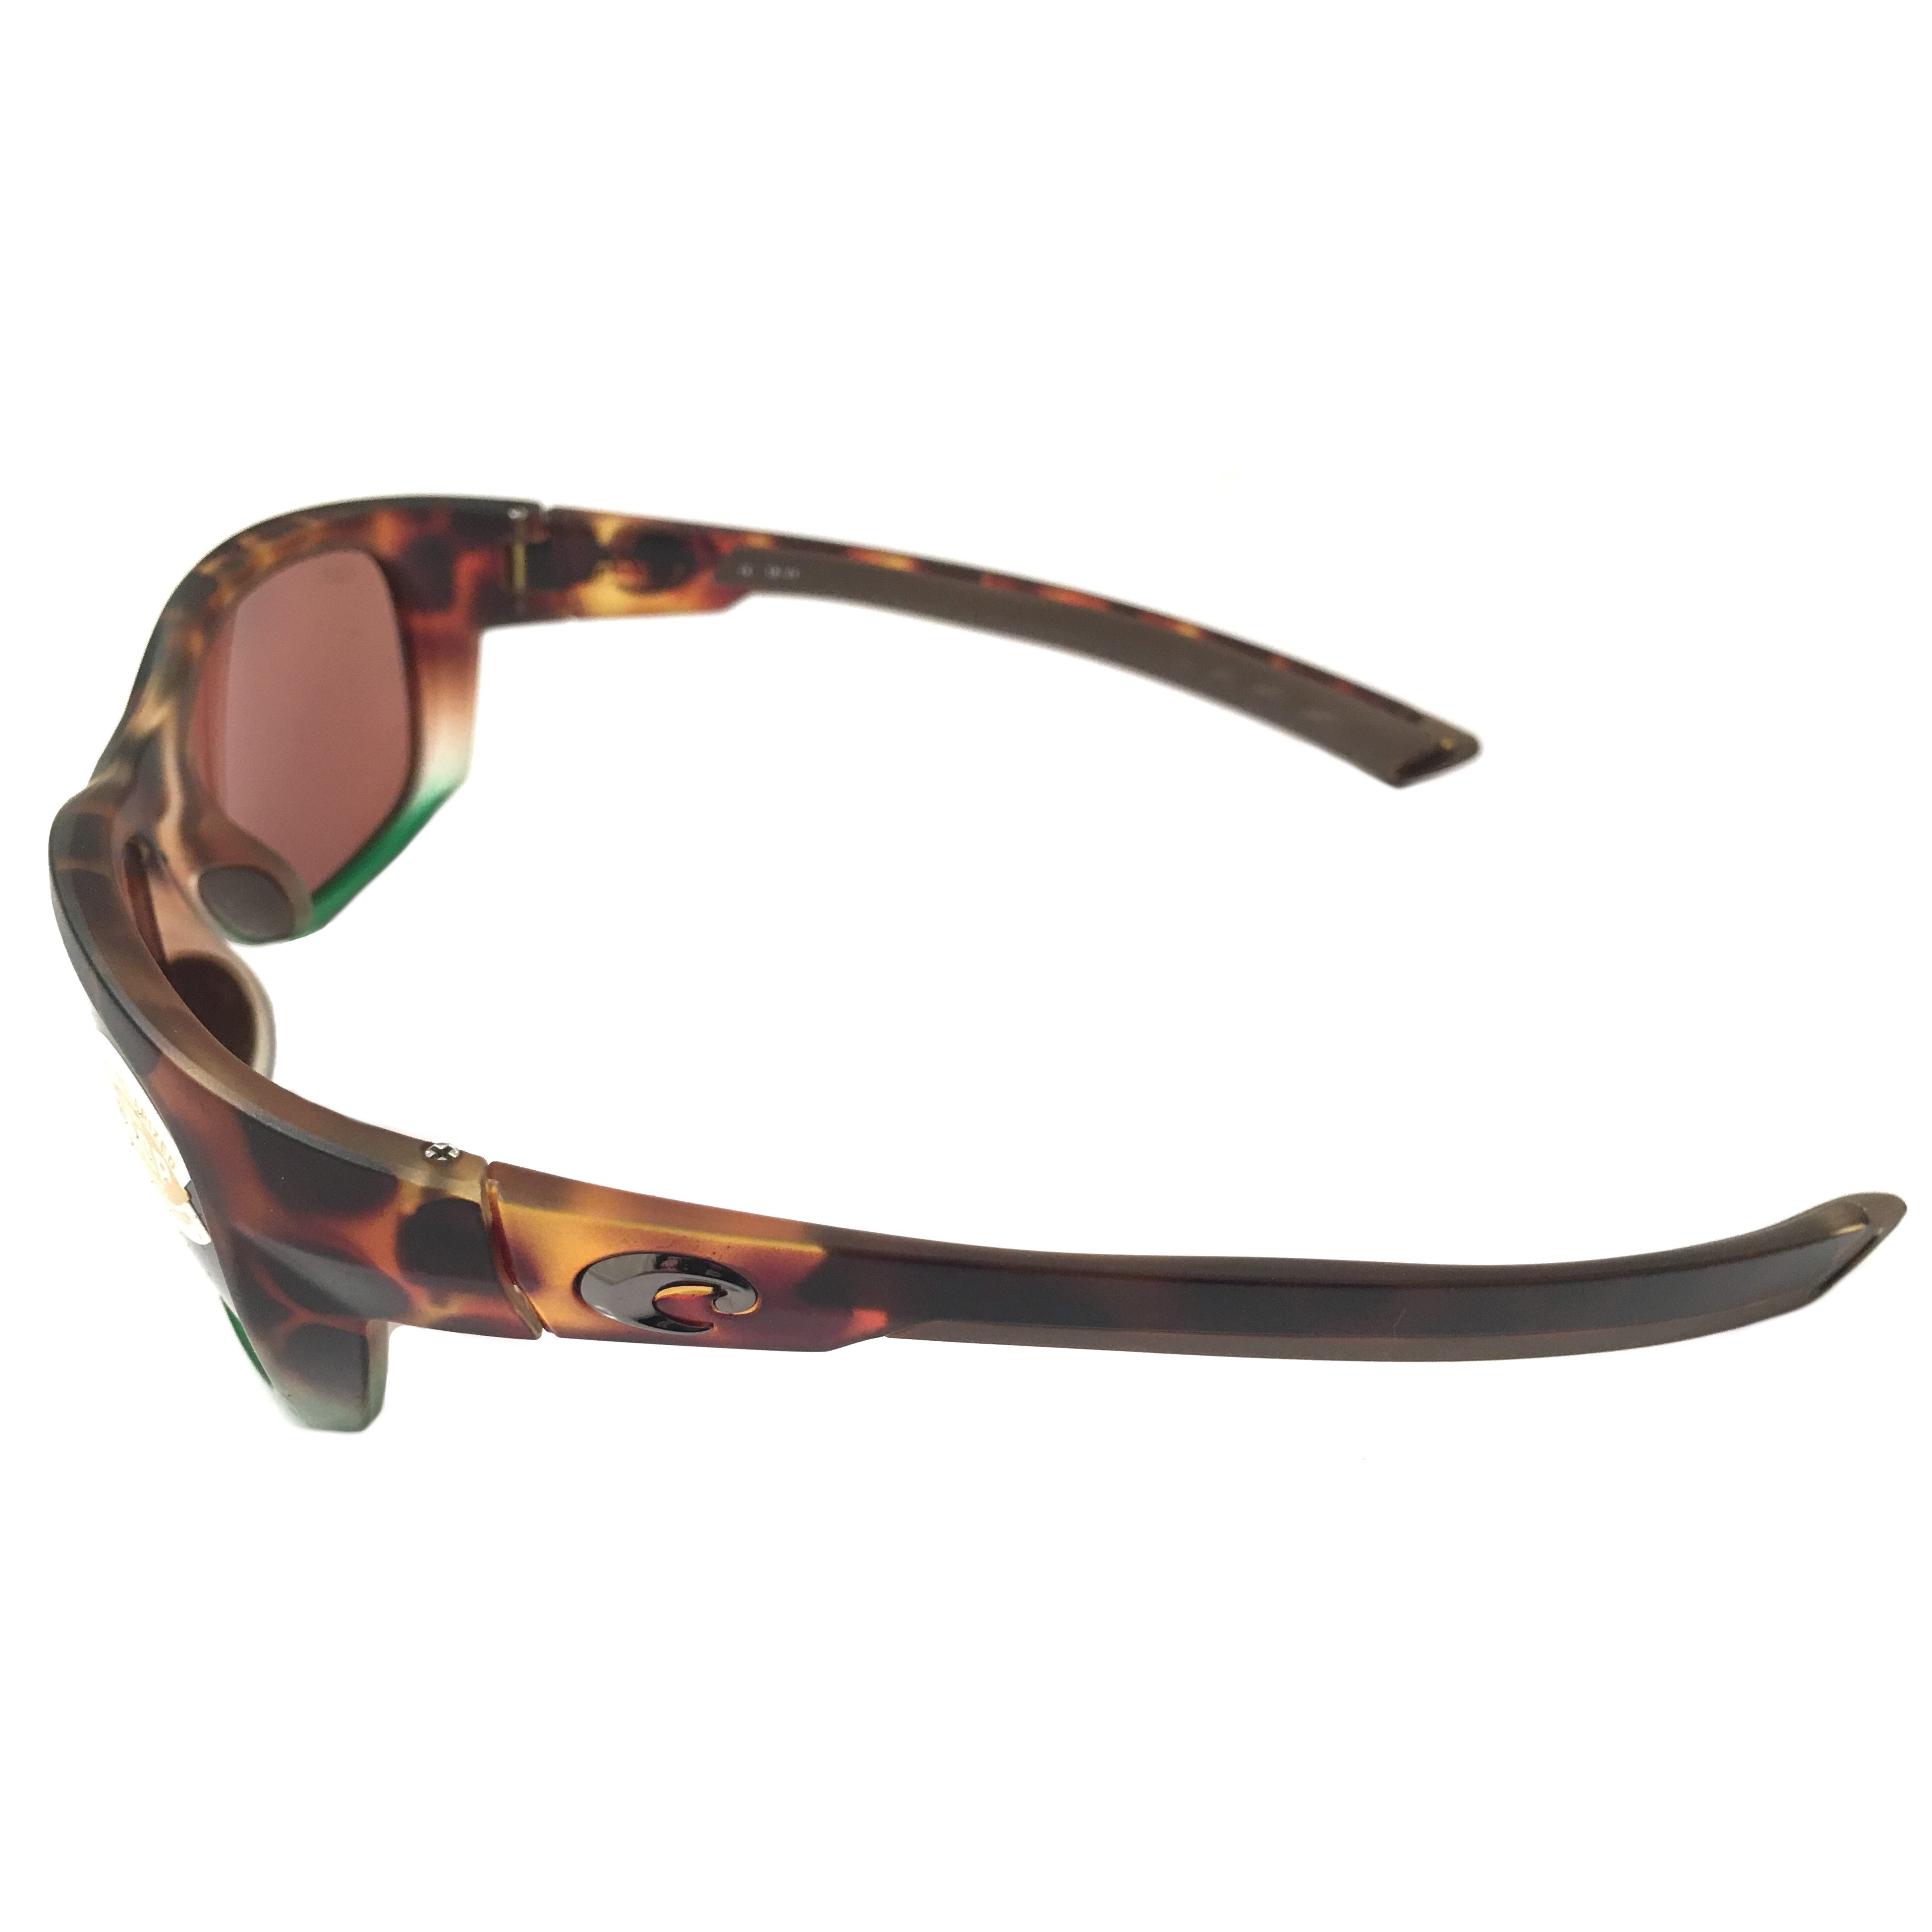 7db34ad34d28e Costa Del Mar Trevally Sunglasses - Matte Tortuga Fade - POLARIZED Copper  580P